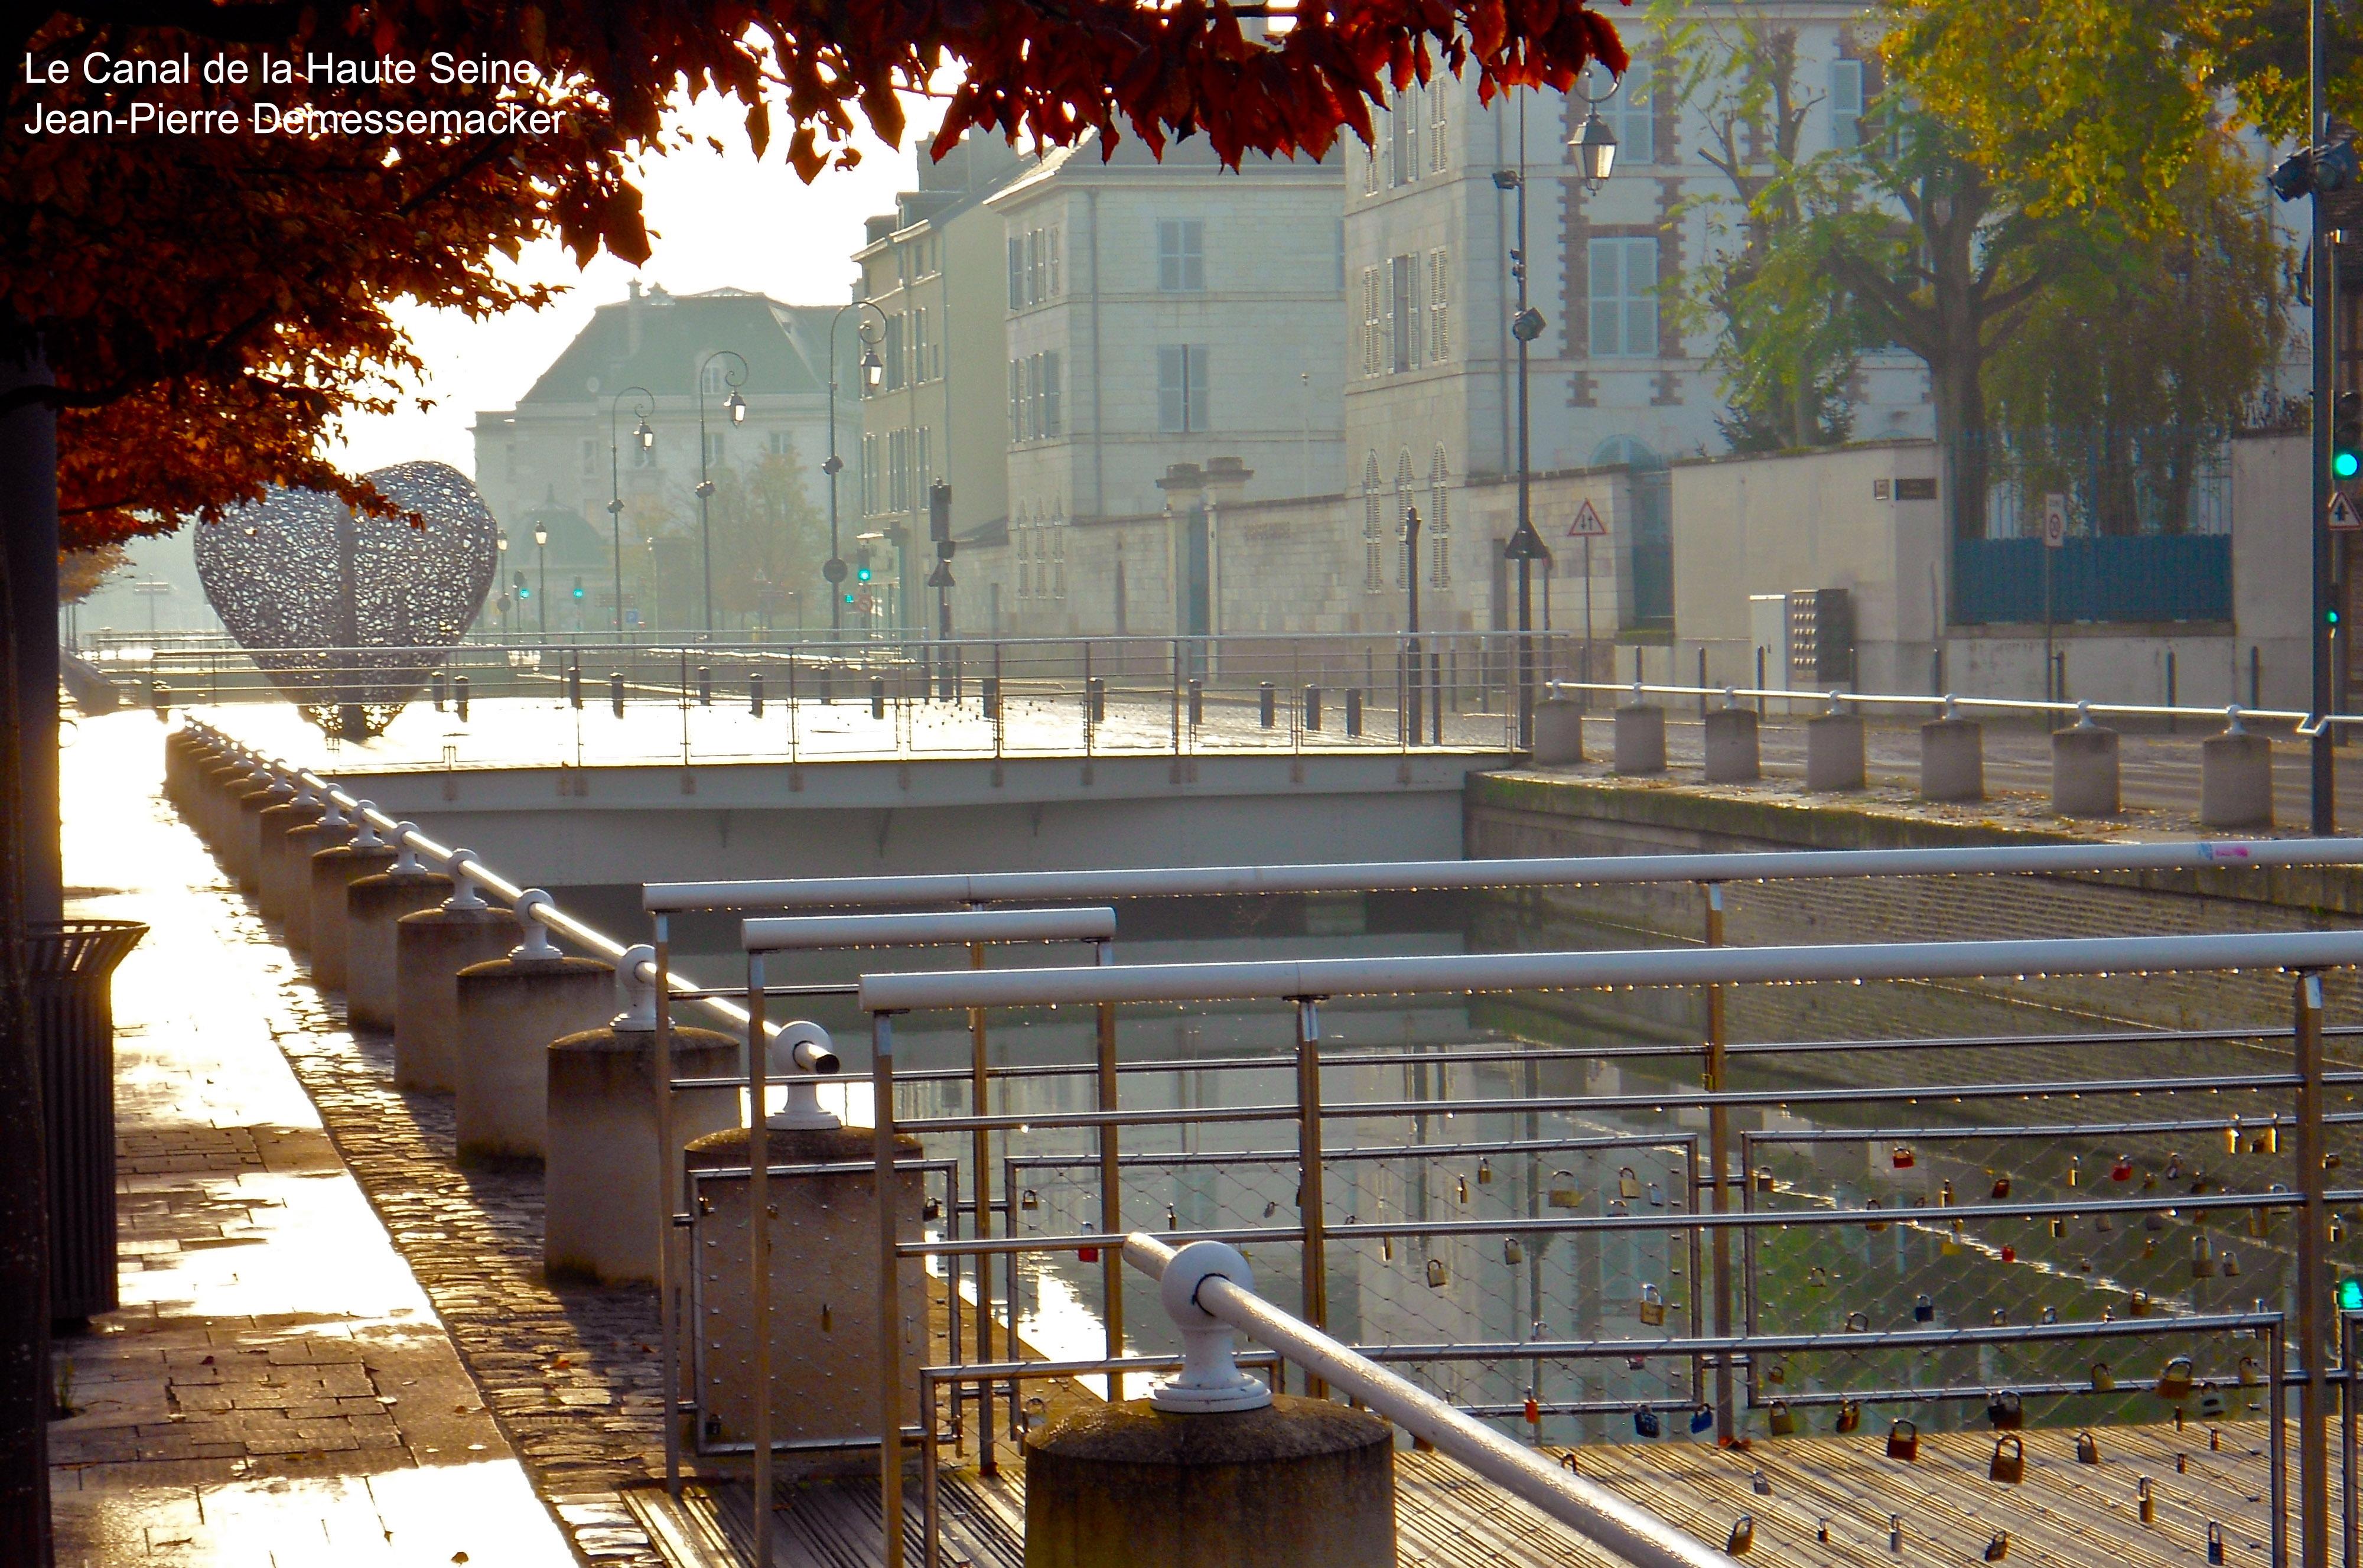 Canal-2014-11-23-DSC02903